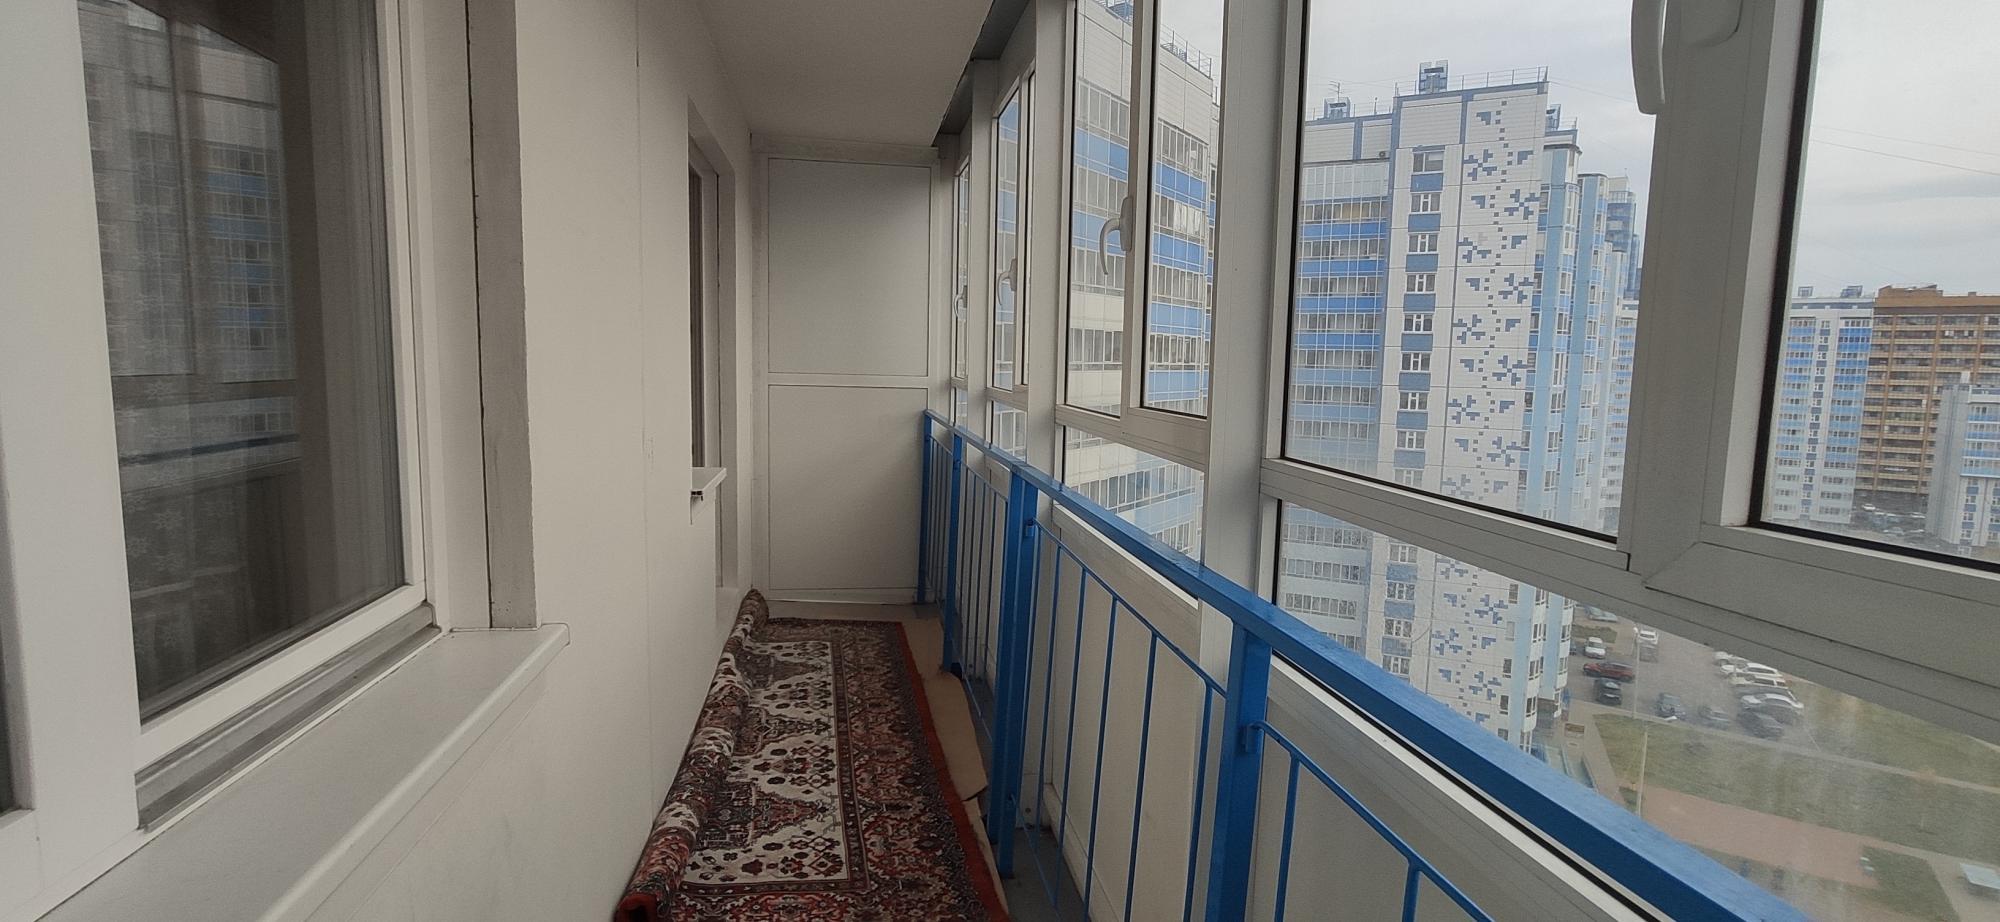 1к квартира Ярыгинская набережная, 41 | 15000 | аренда в Красноярске фото 1